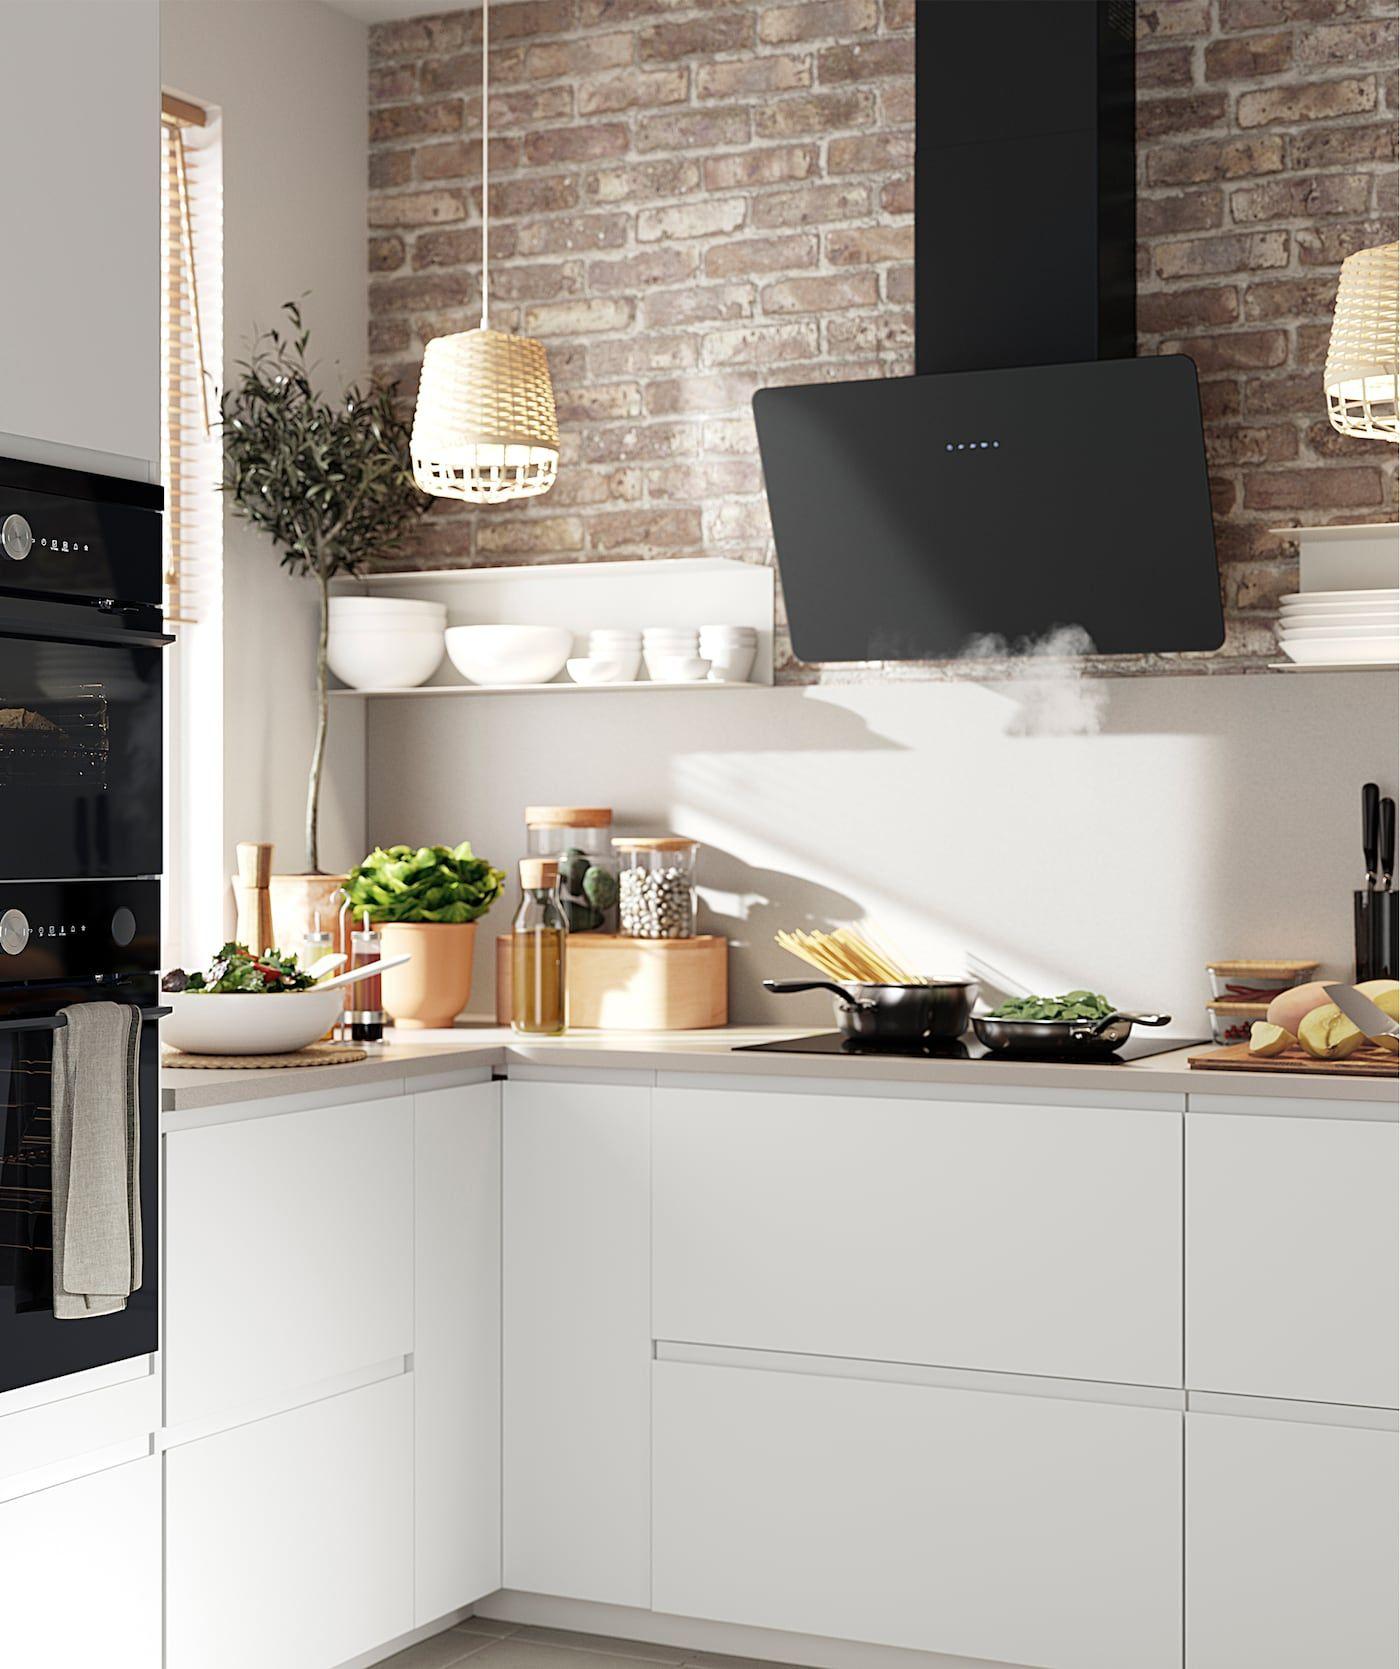 Elettrodomestici, alleati preziosi nel 2019 | Cucina ikea ...